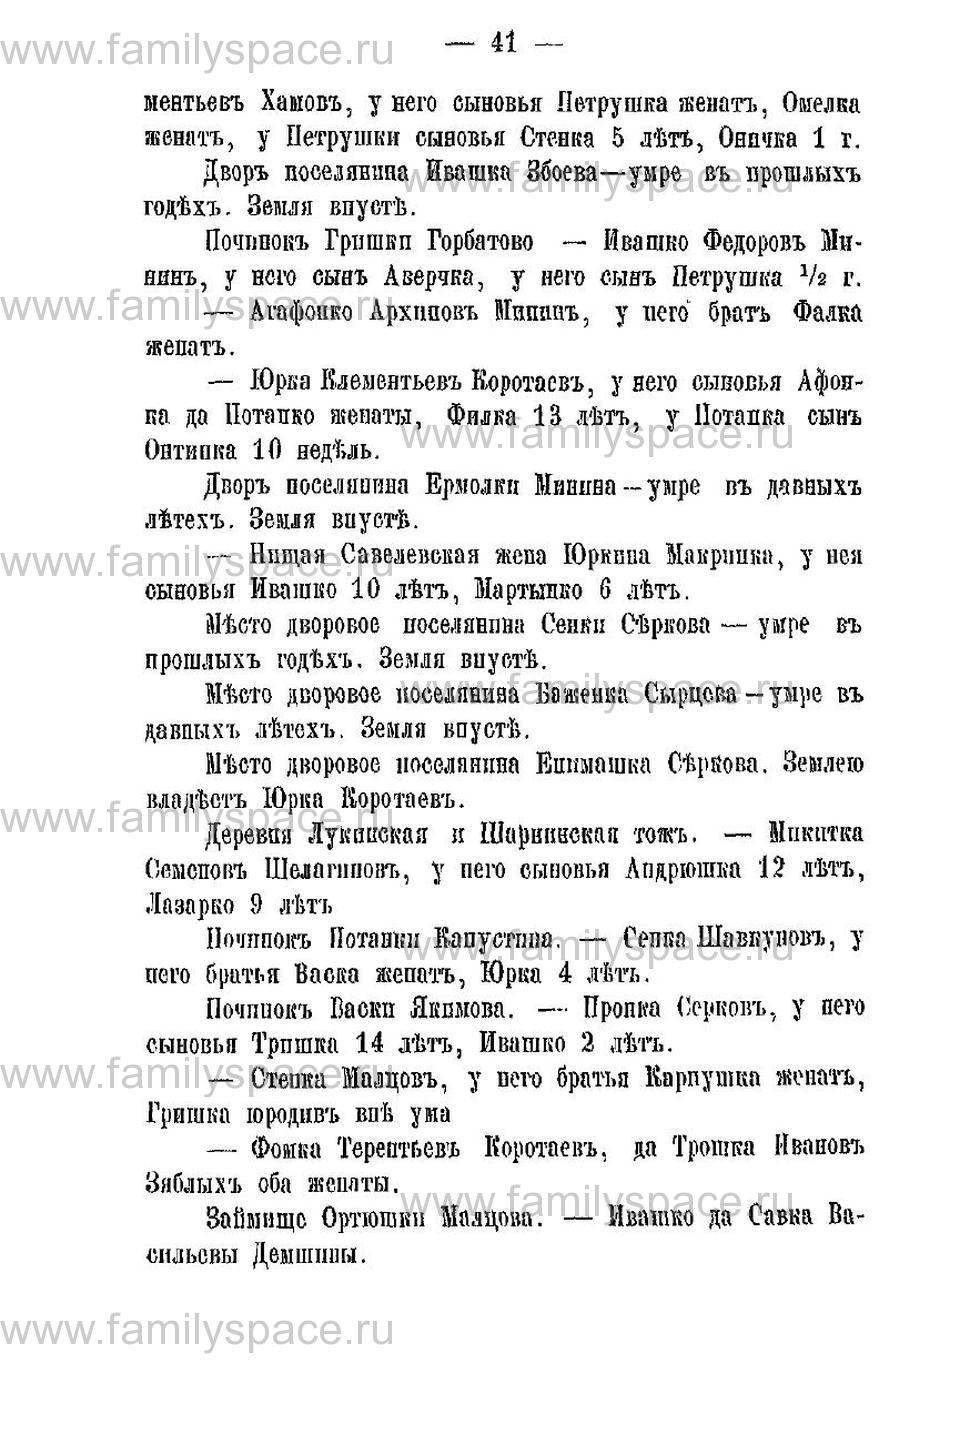 Поиск по фамилии - Переписная книга Орлова и волостей 1678 г, страница 37